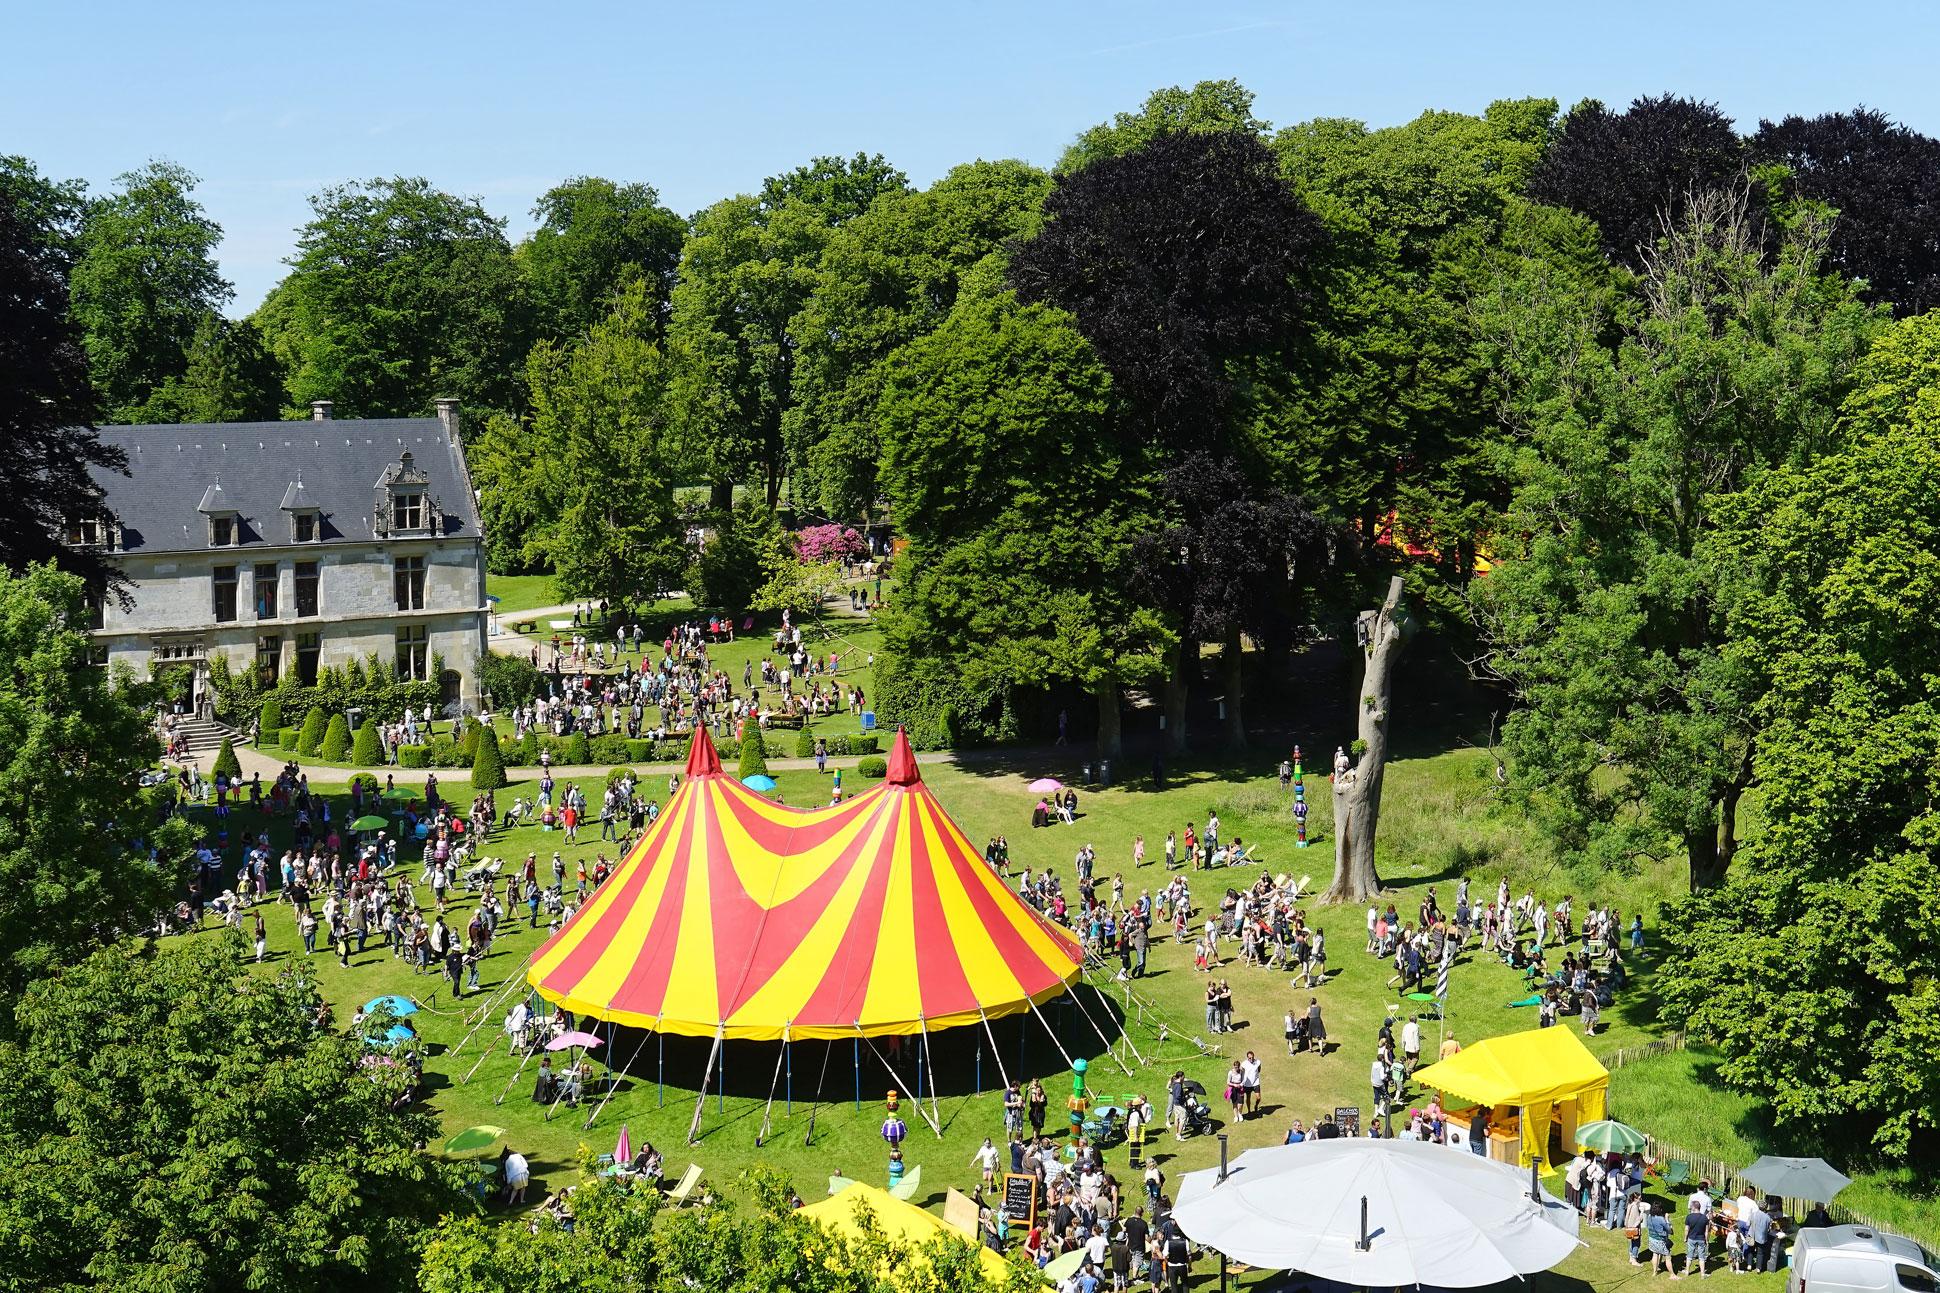 La fête du cirque Saint-Romain de Colbosc